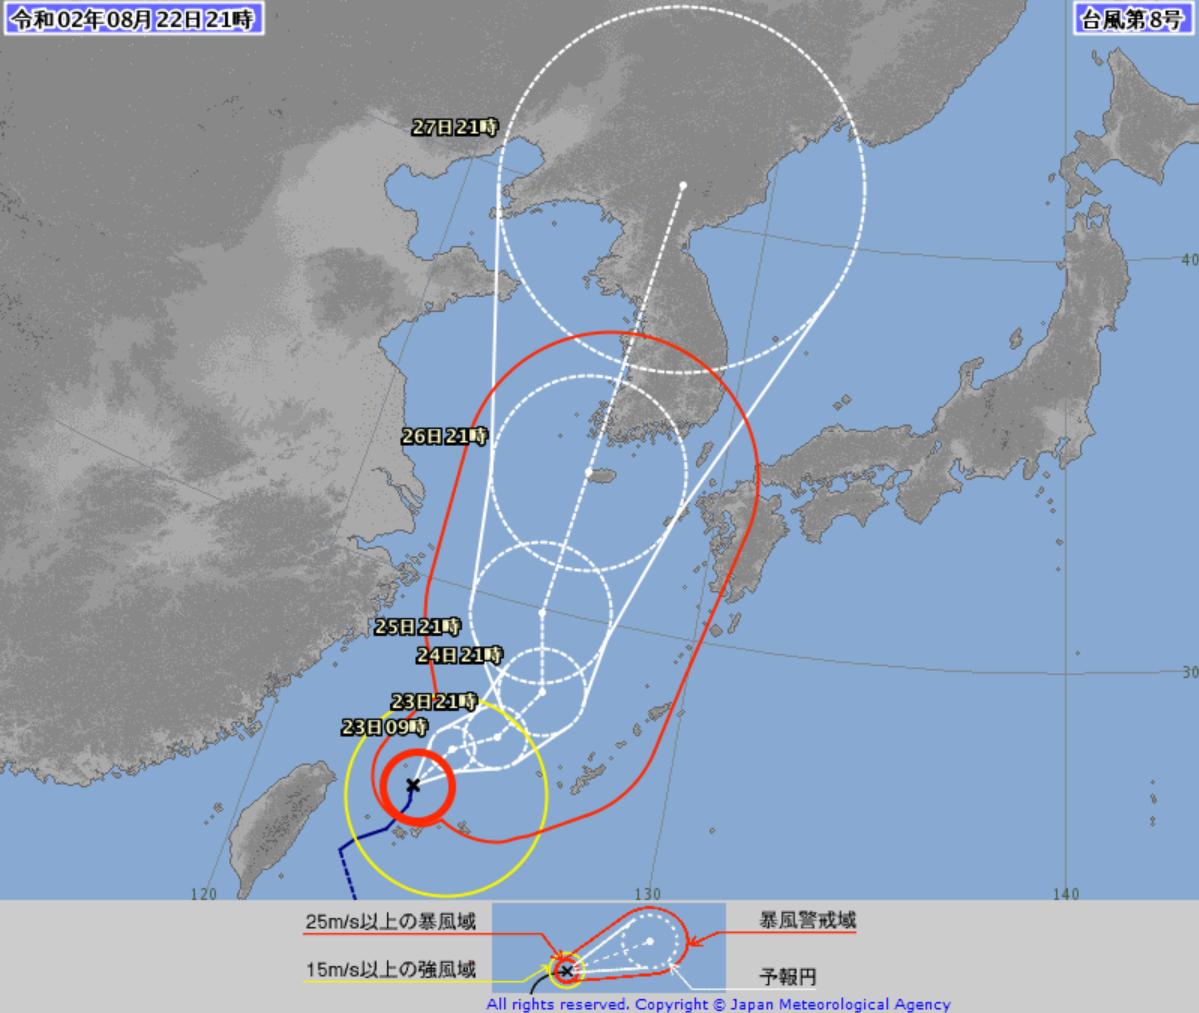 日本人對颱風的命名方式跟別國都不一樣?